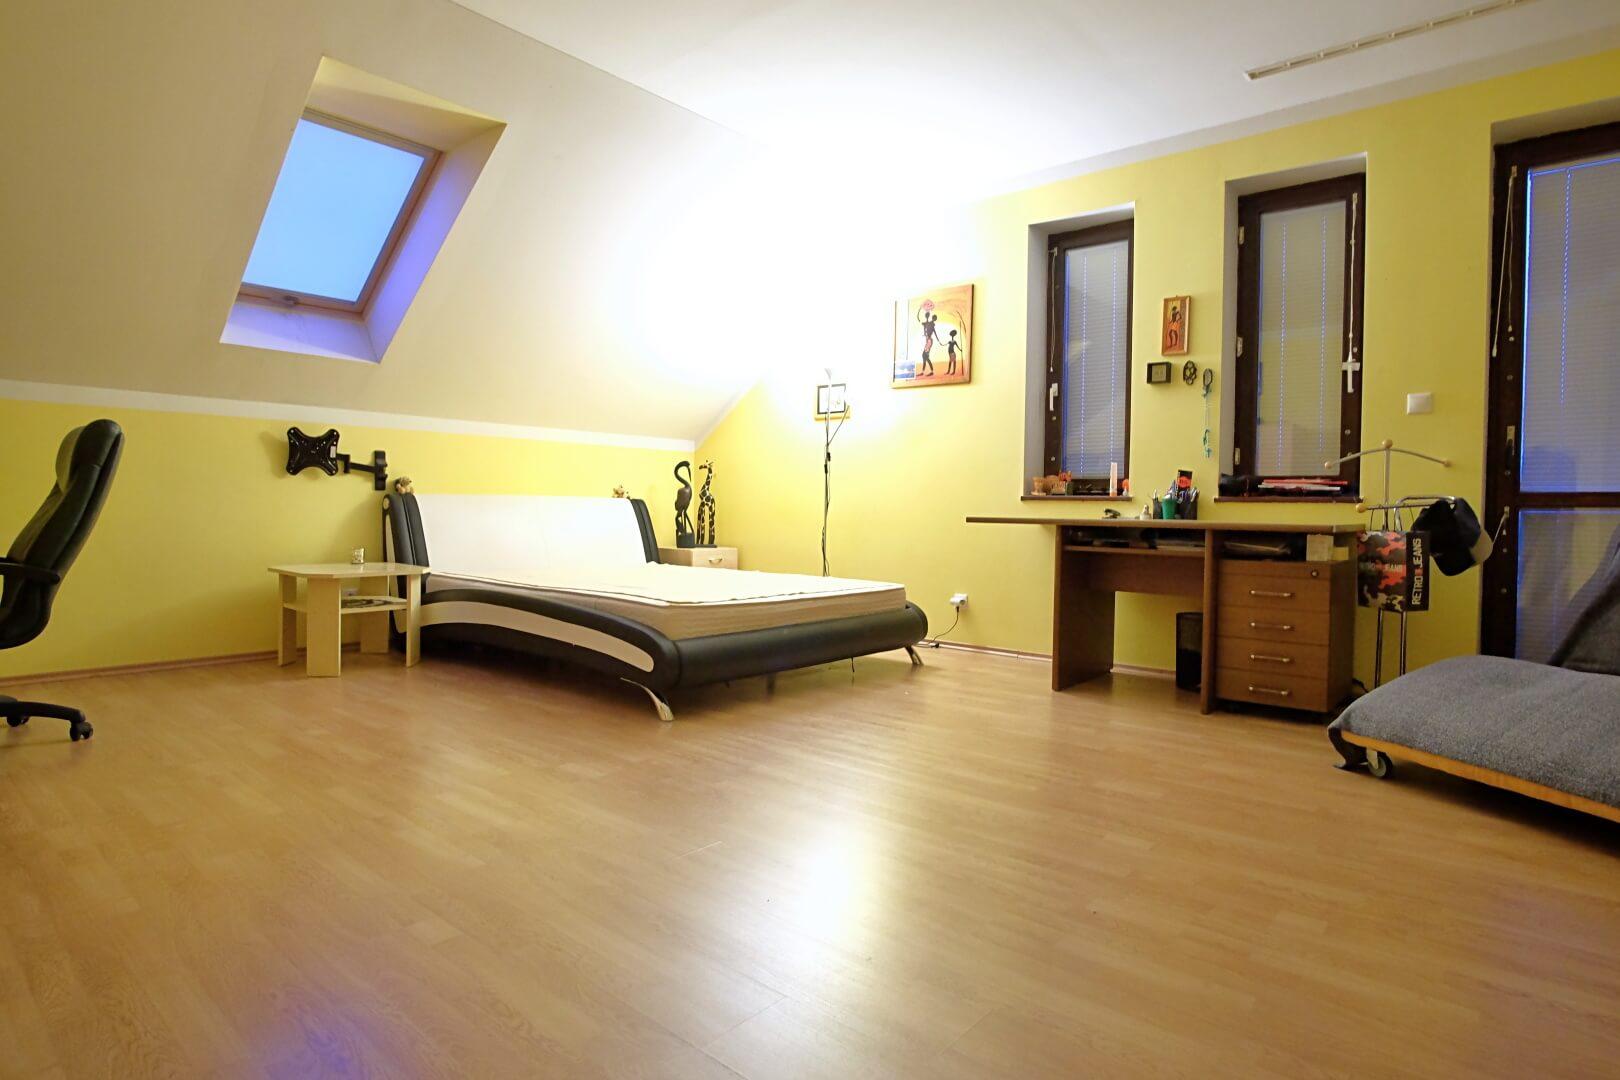 Predané: Na predaj 6-izbový rodinný dom vo vilovej štvrti v Hamuliakove, 15 km od Bratislavy-10